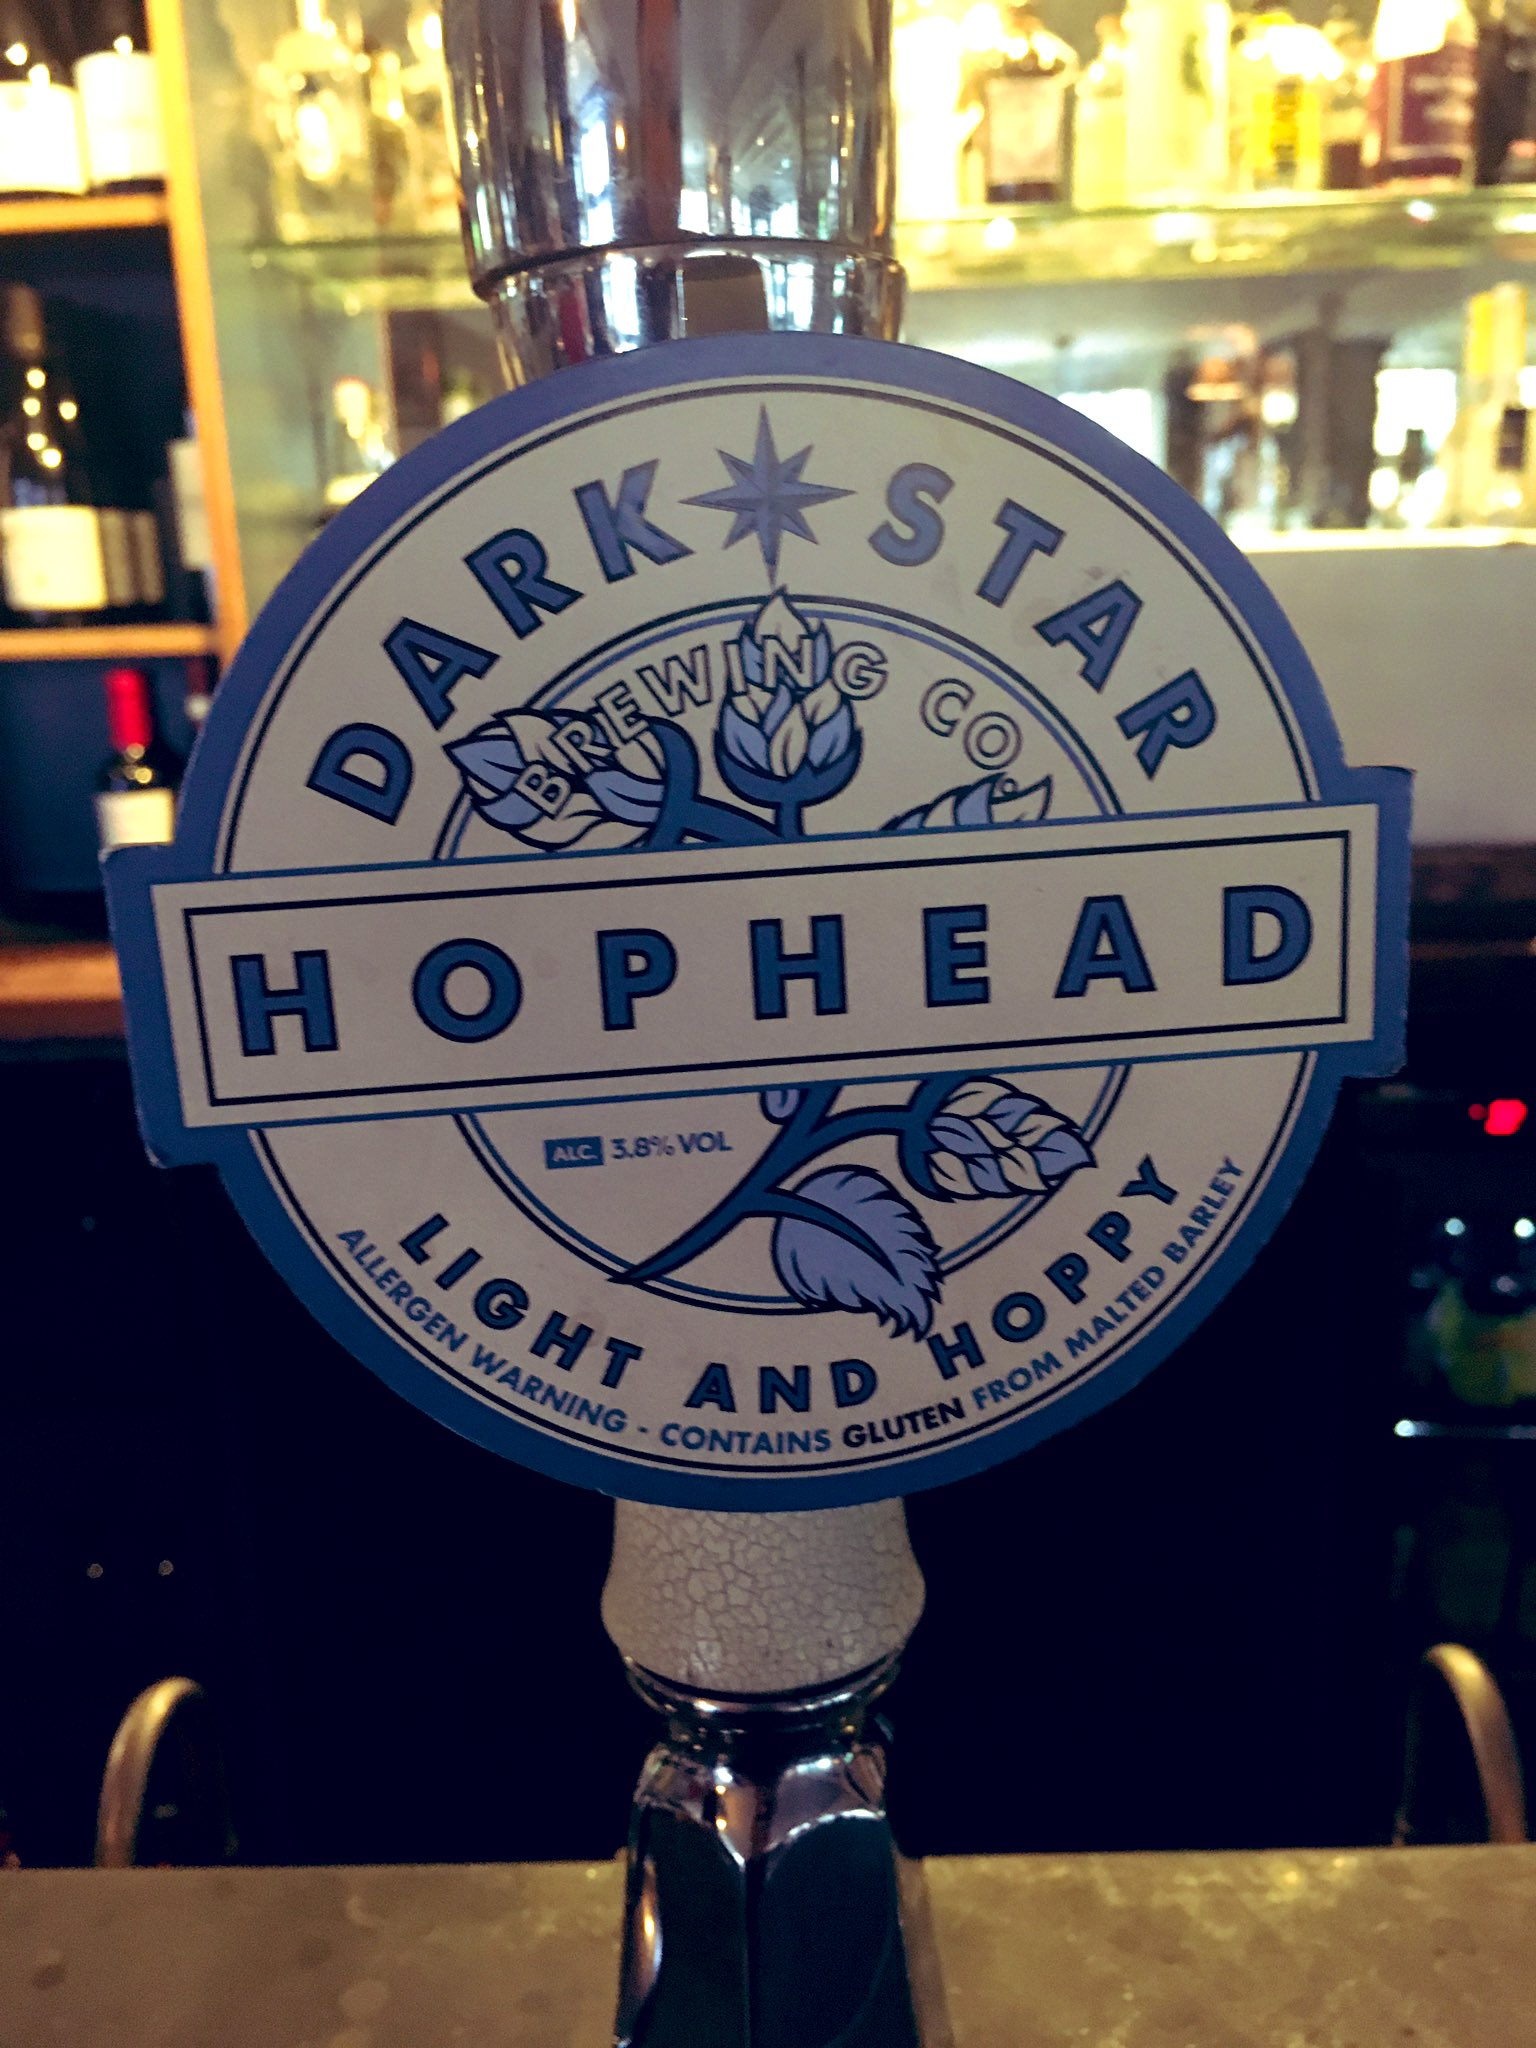 150: Hophead